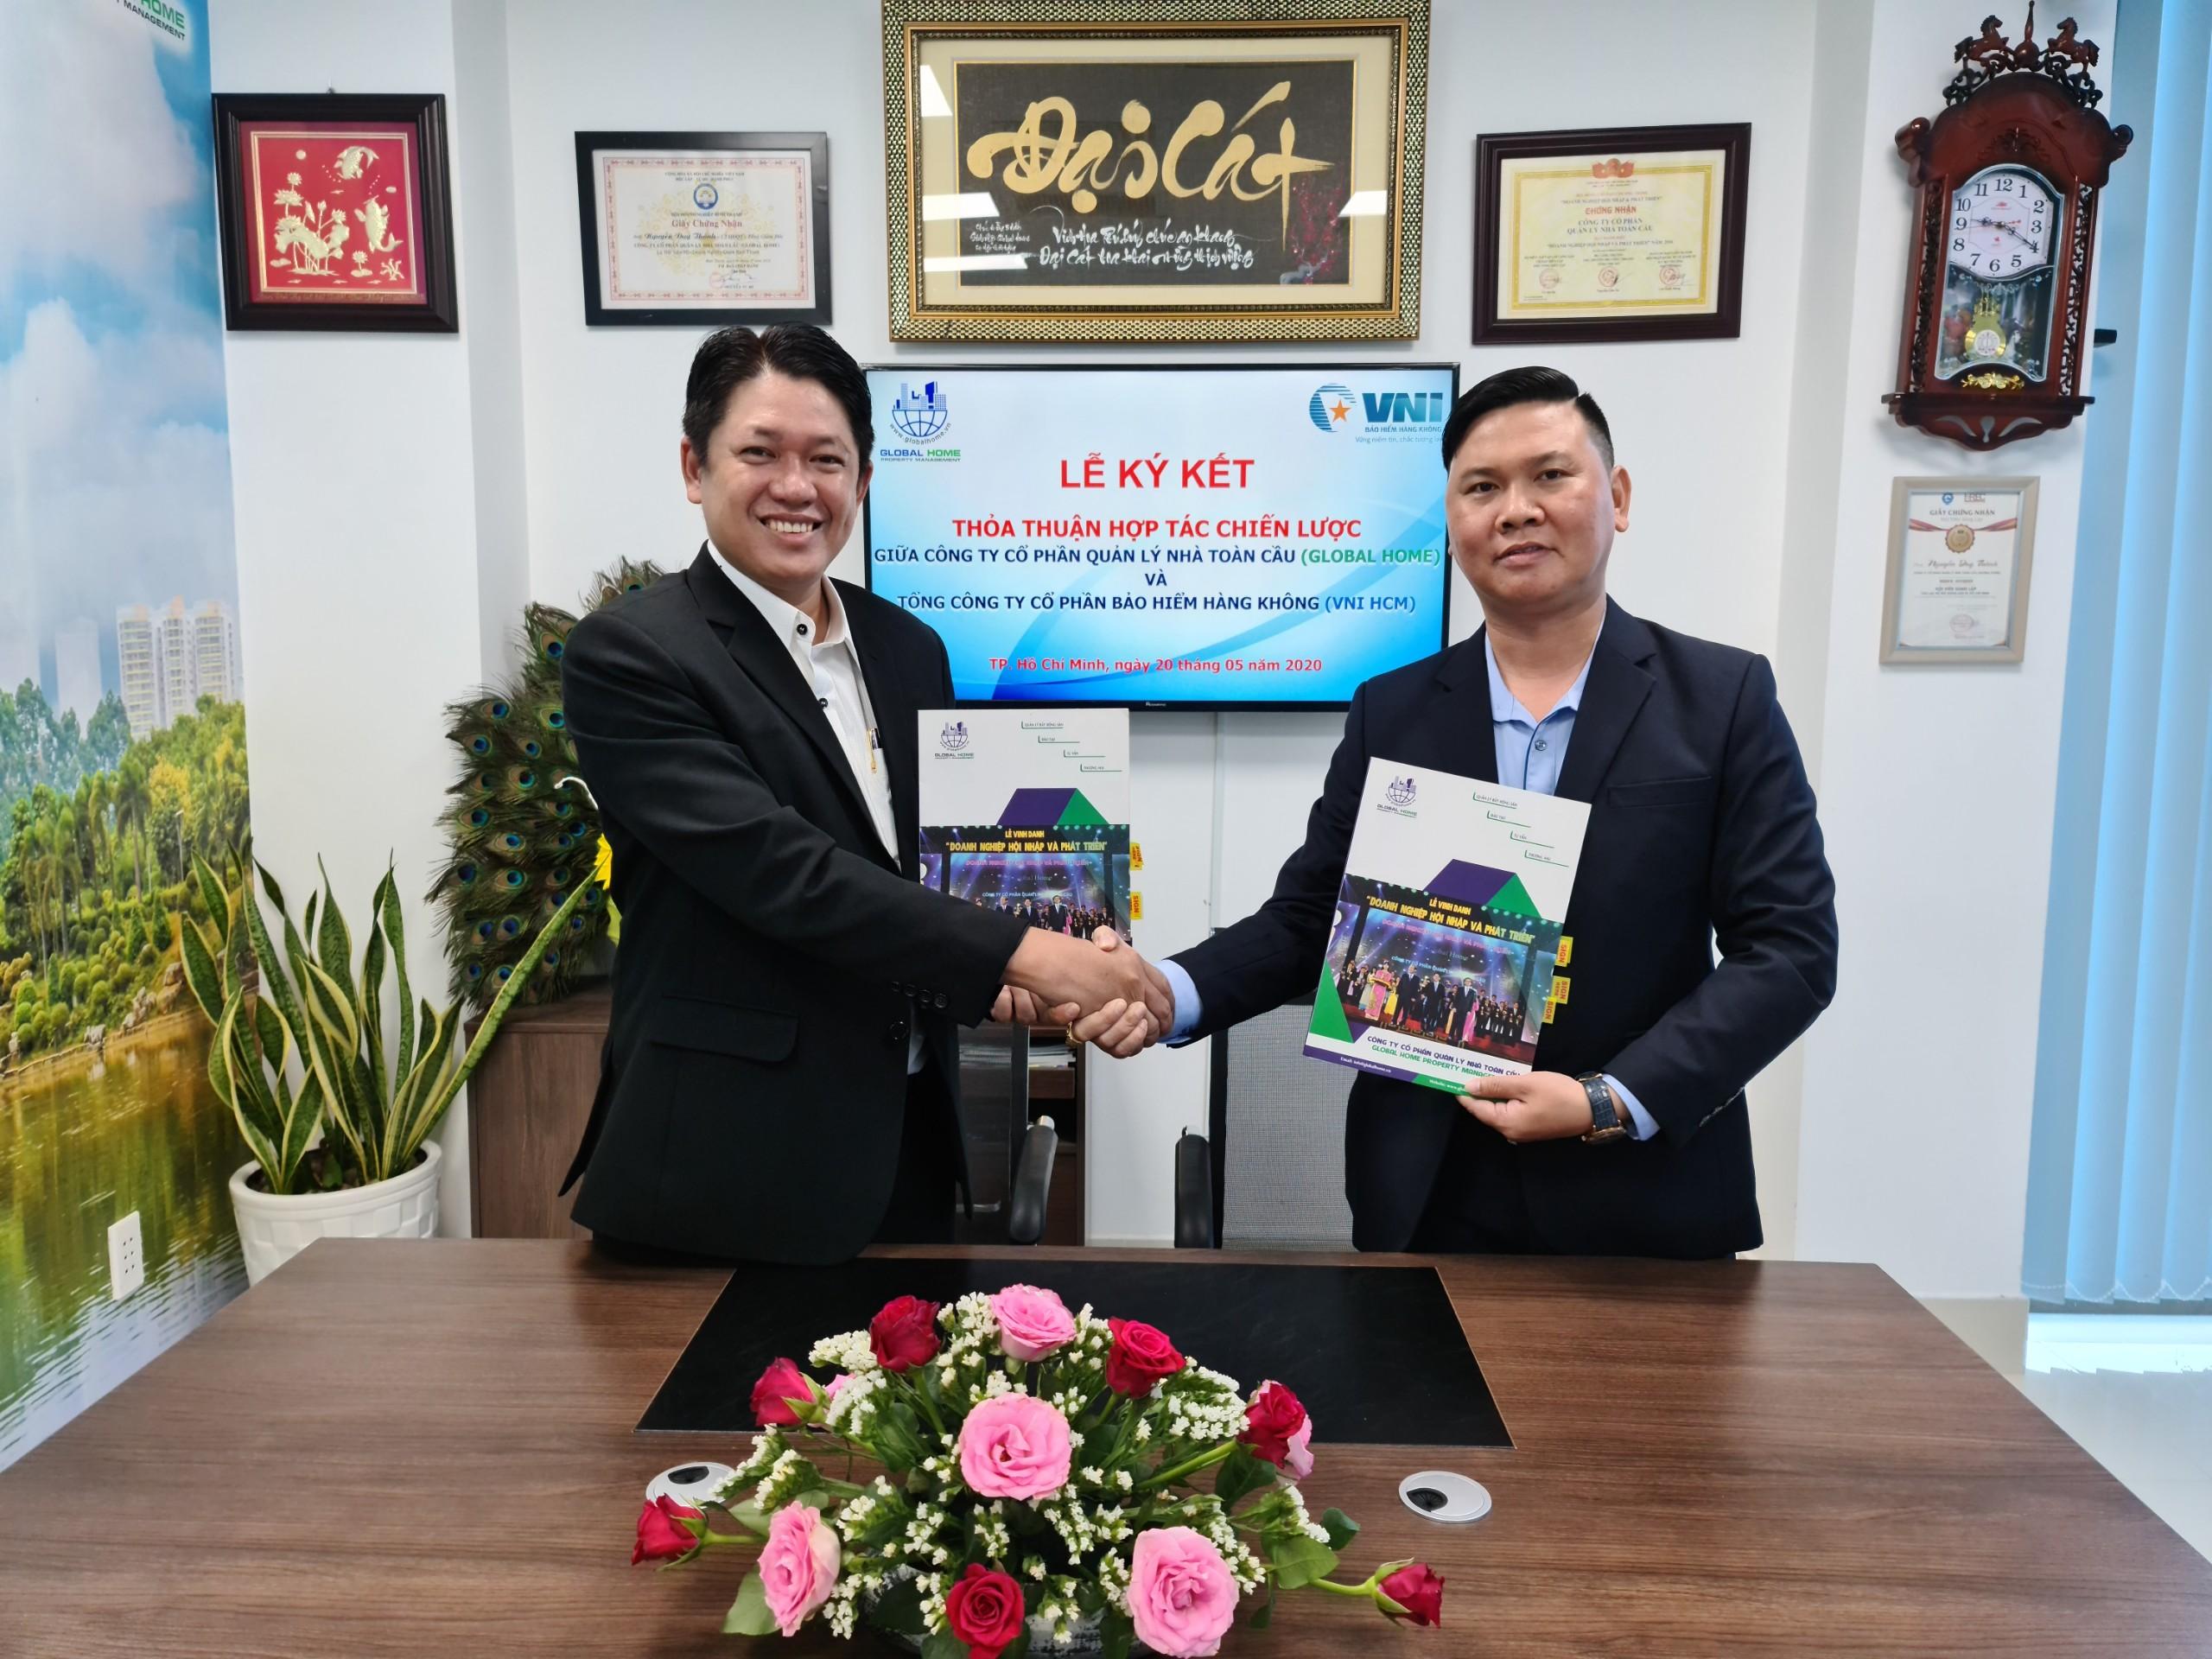 Global Home ký kết thỏa thuận hợp tác chiến lược phân phối bảo hiểm cho cư dân sống tại chung cư 3